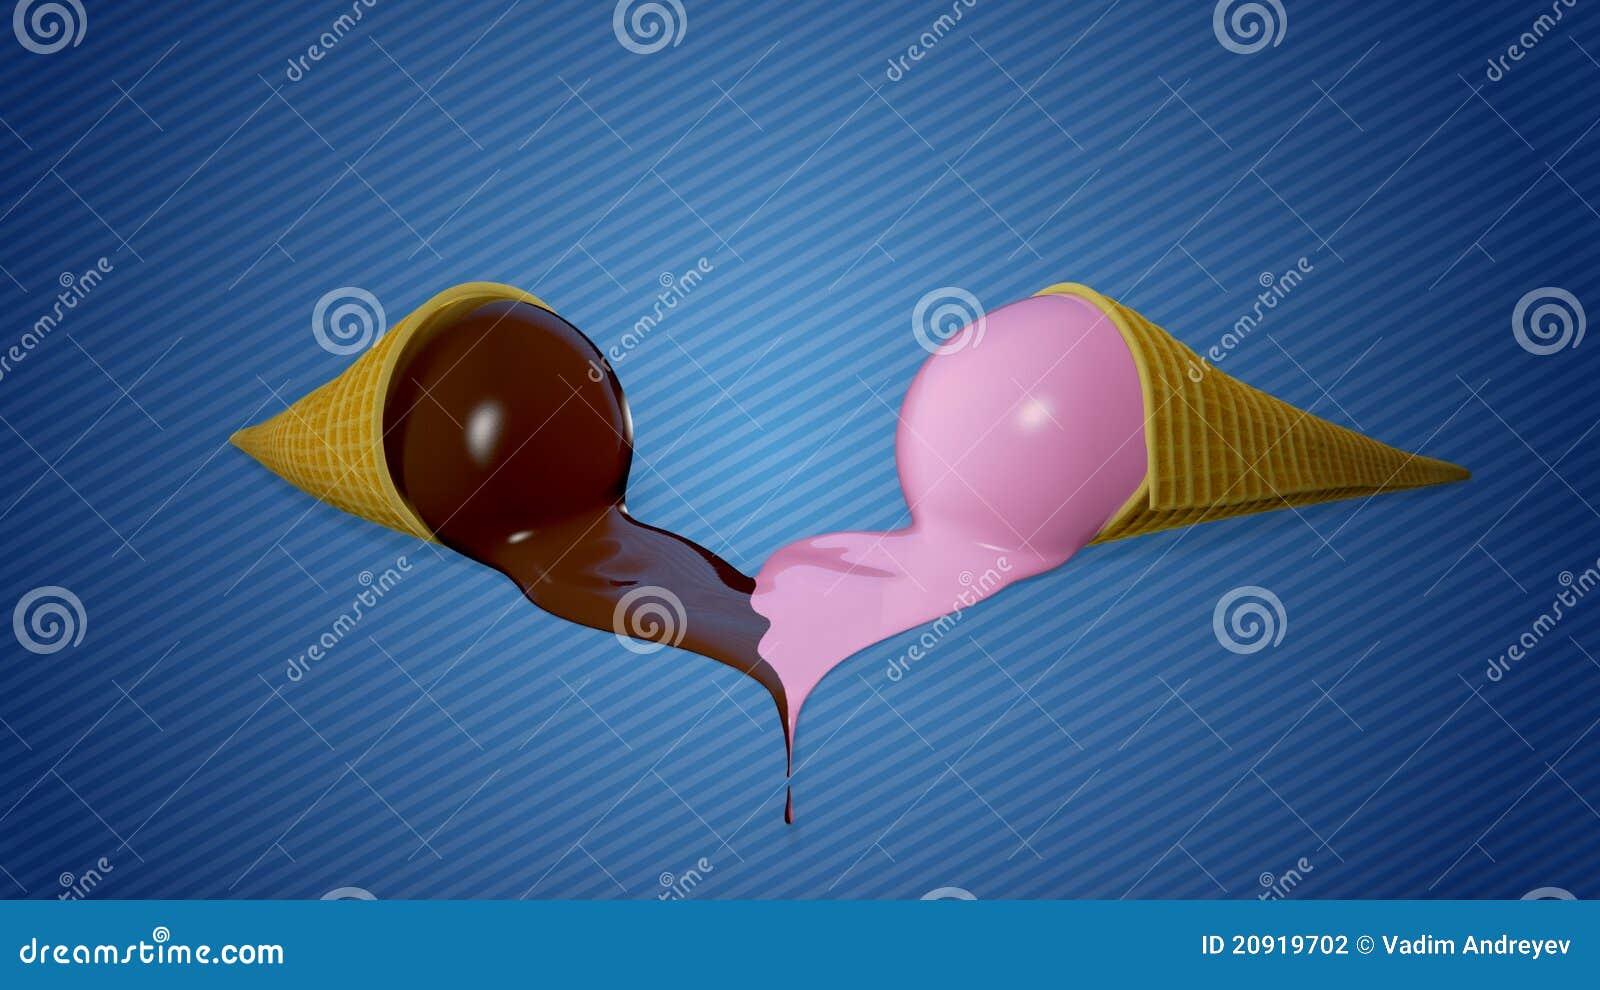 Melting Ice Cream Heart Stock Photography Image 20919702